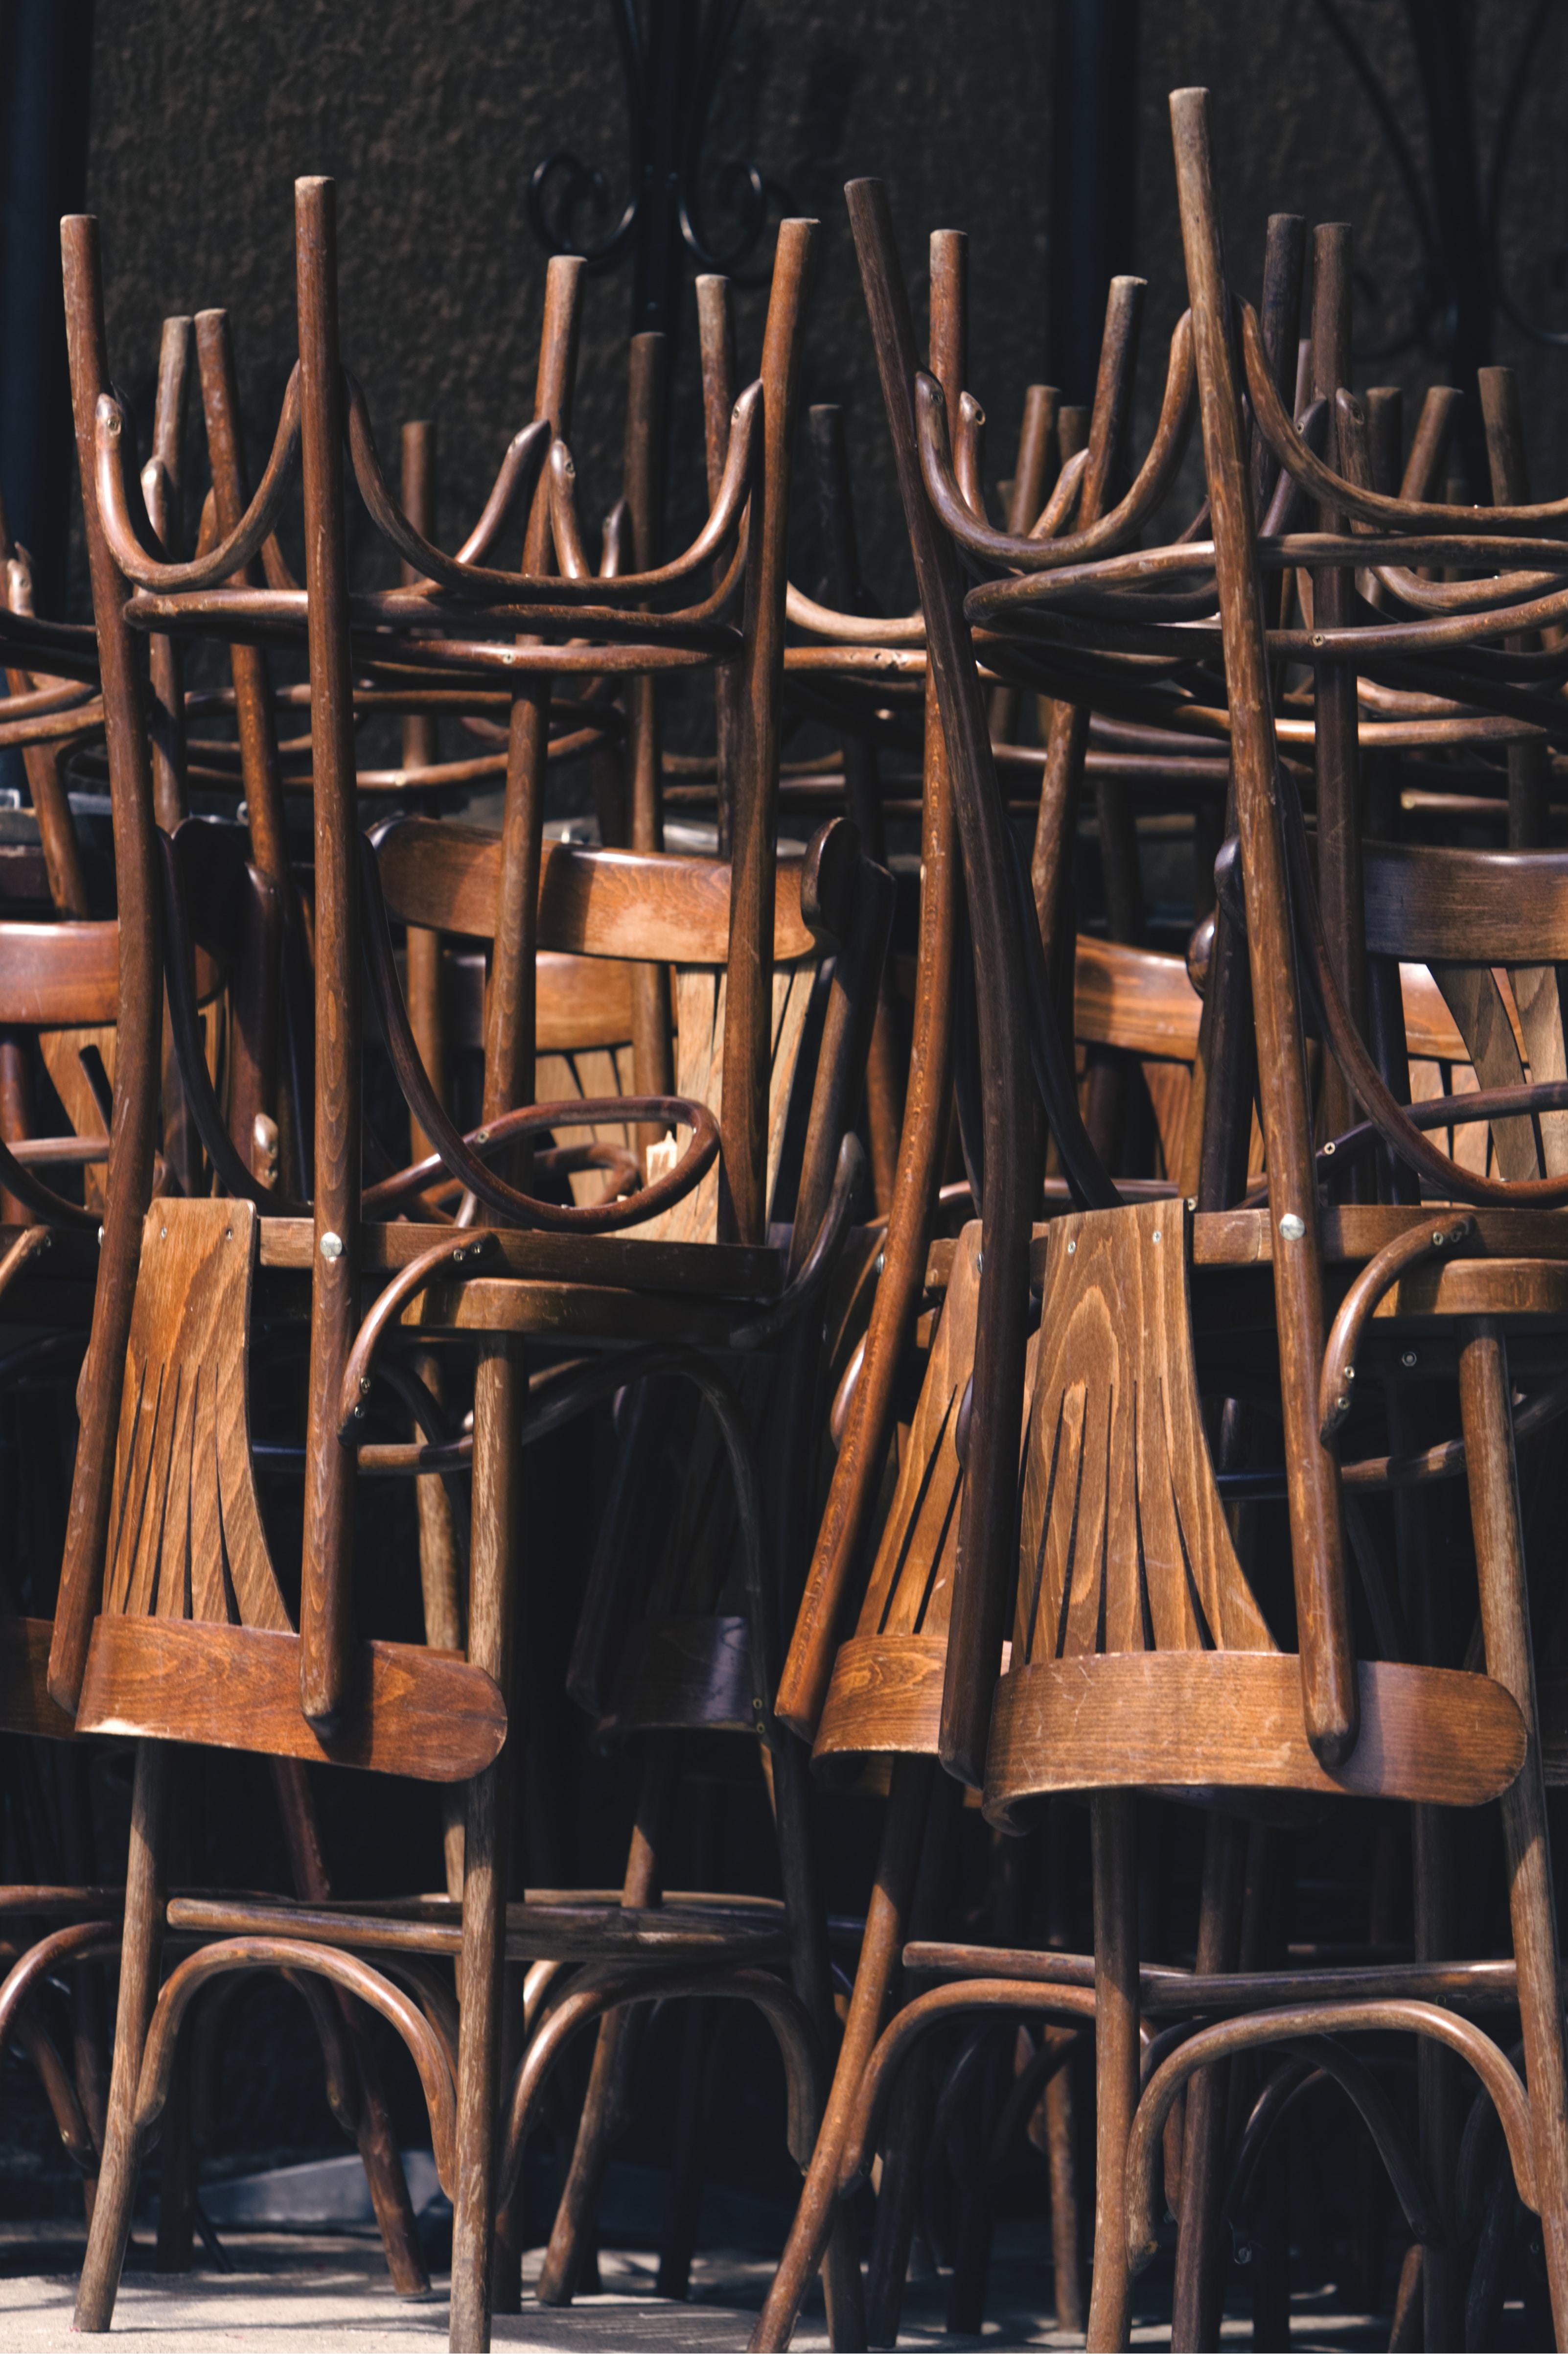 Produzione Sedie E Tavoli In Legno.S E T A S R L Produzione Di Sedie Tavoli E Complementi D